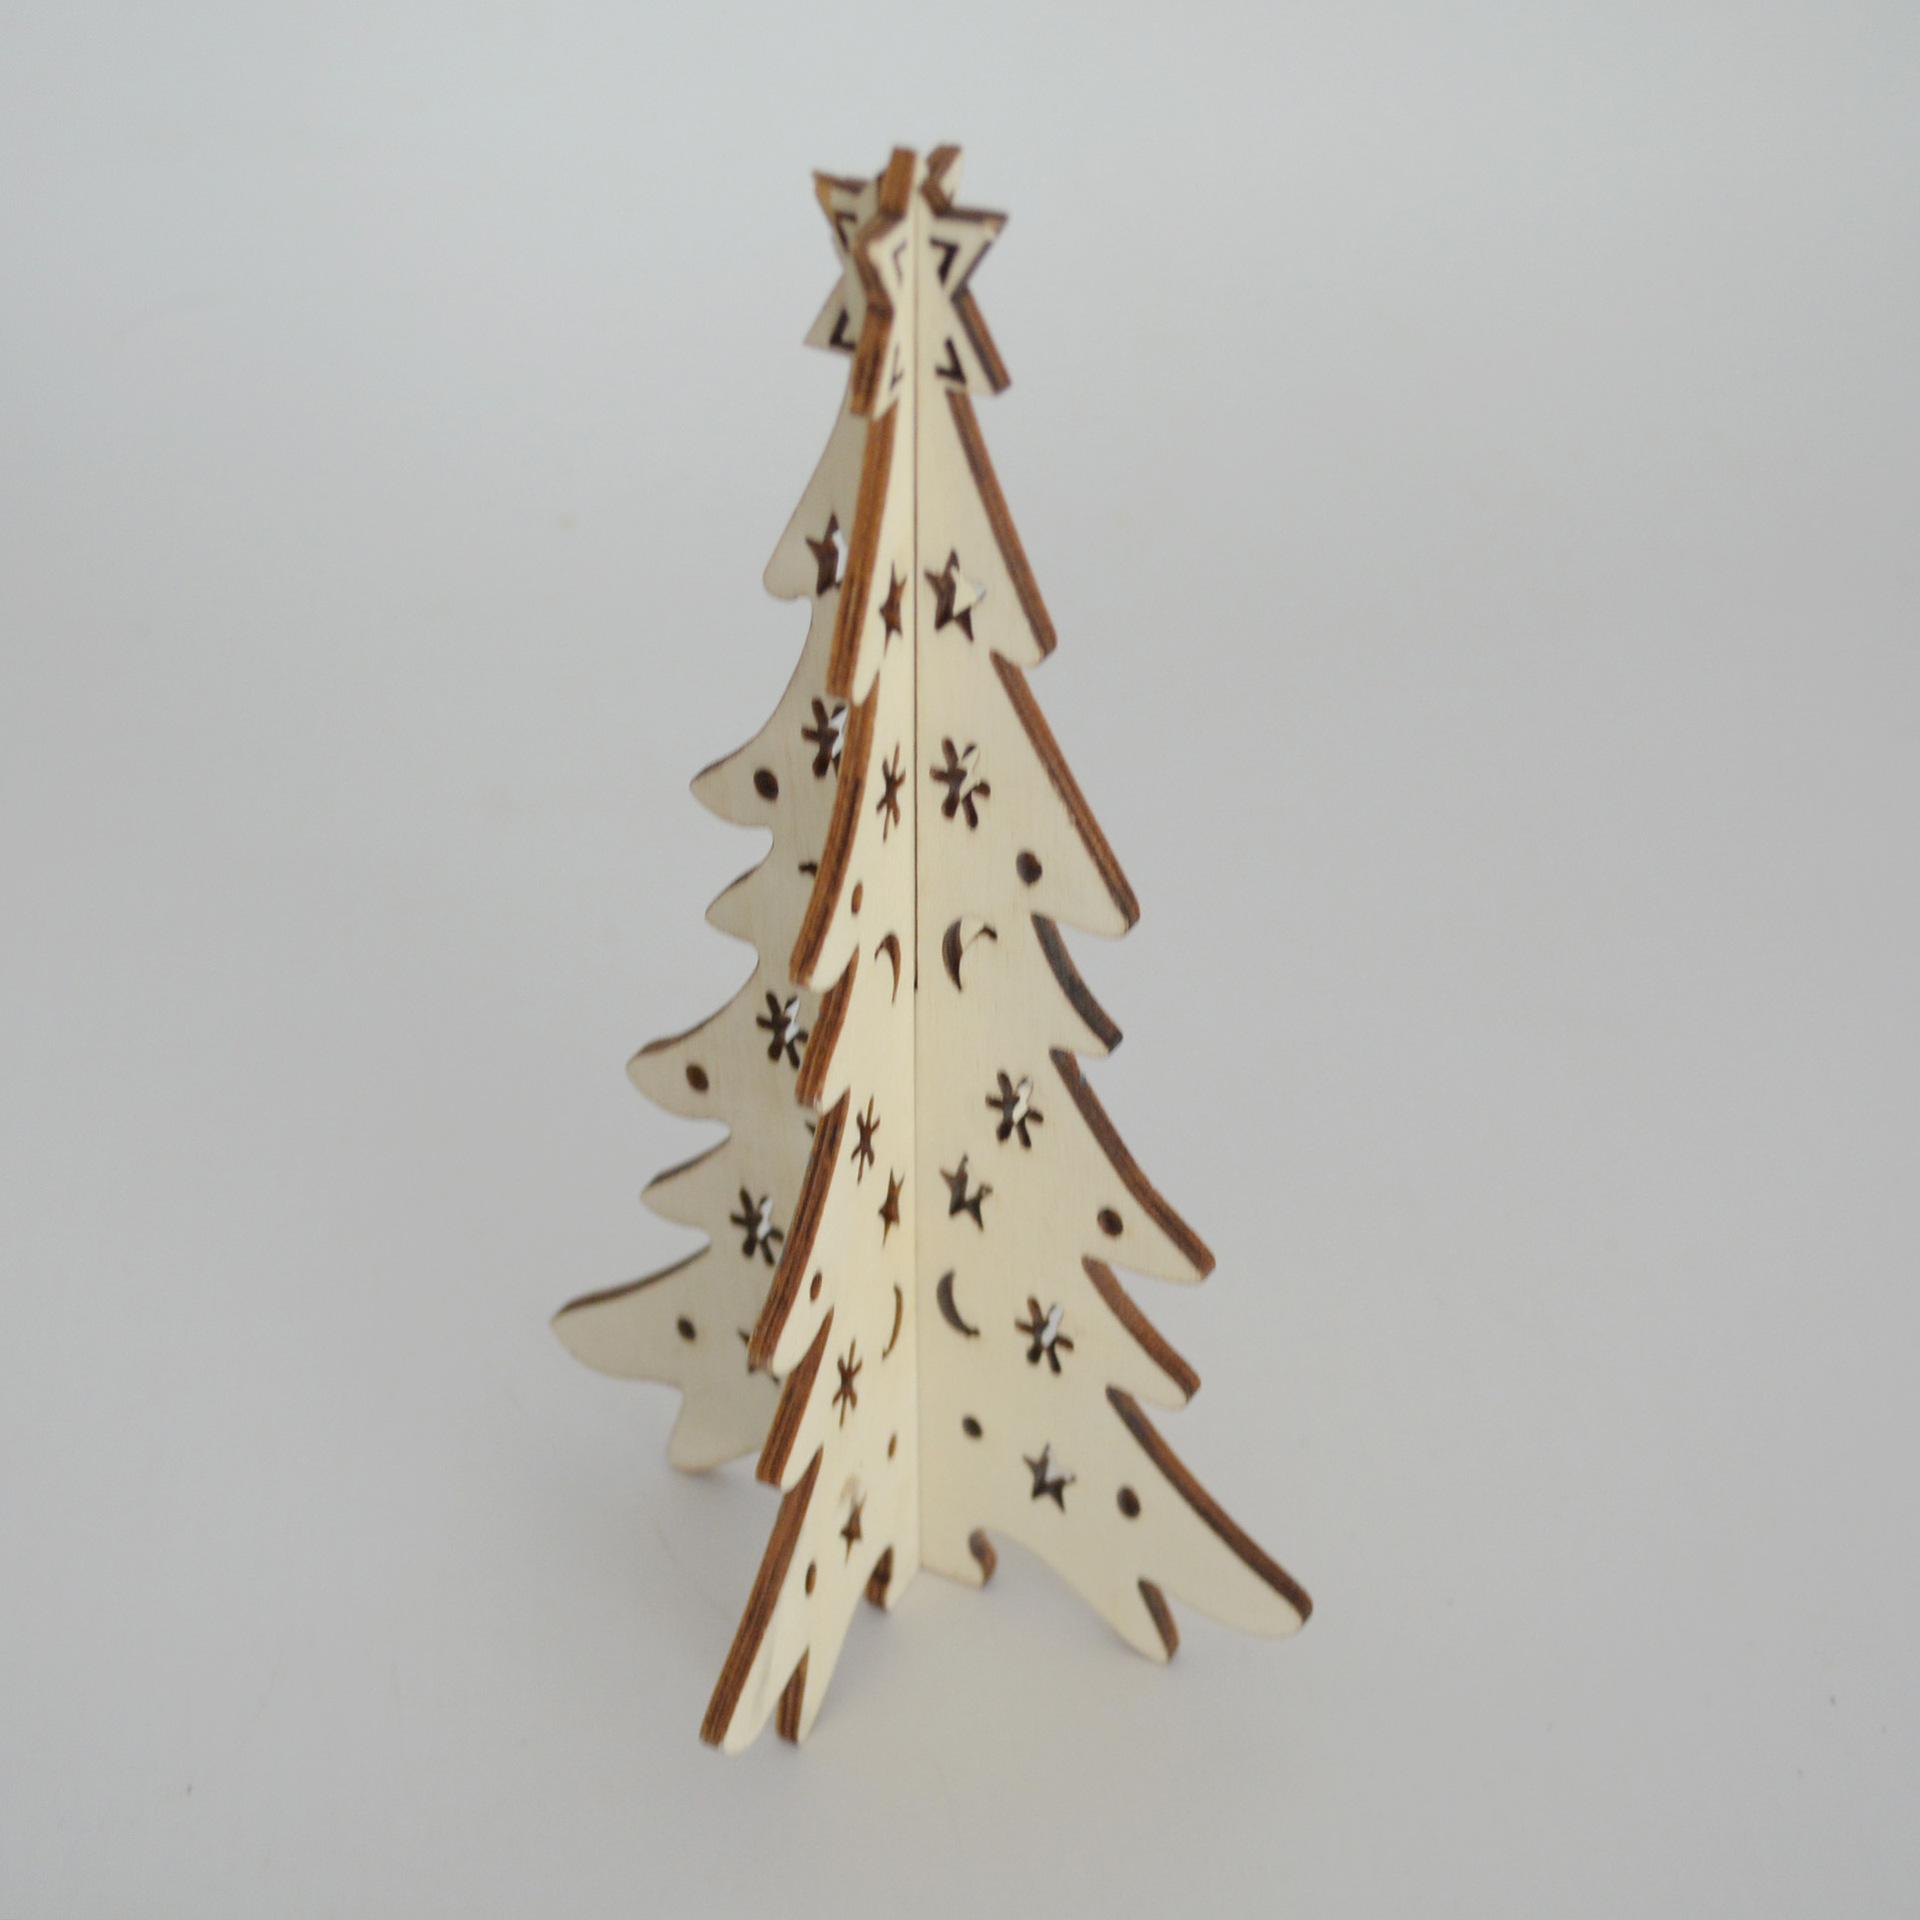 木质工艺品木制圣诞树木质摆件圣诞节装饰品 厂家 手绘手工批发